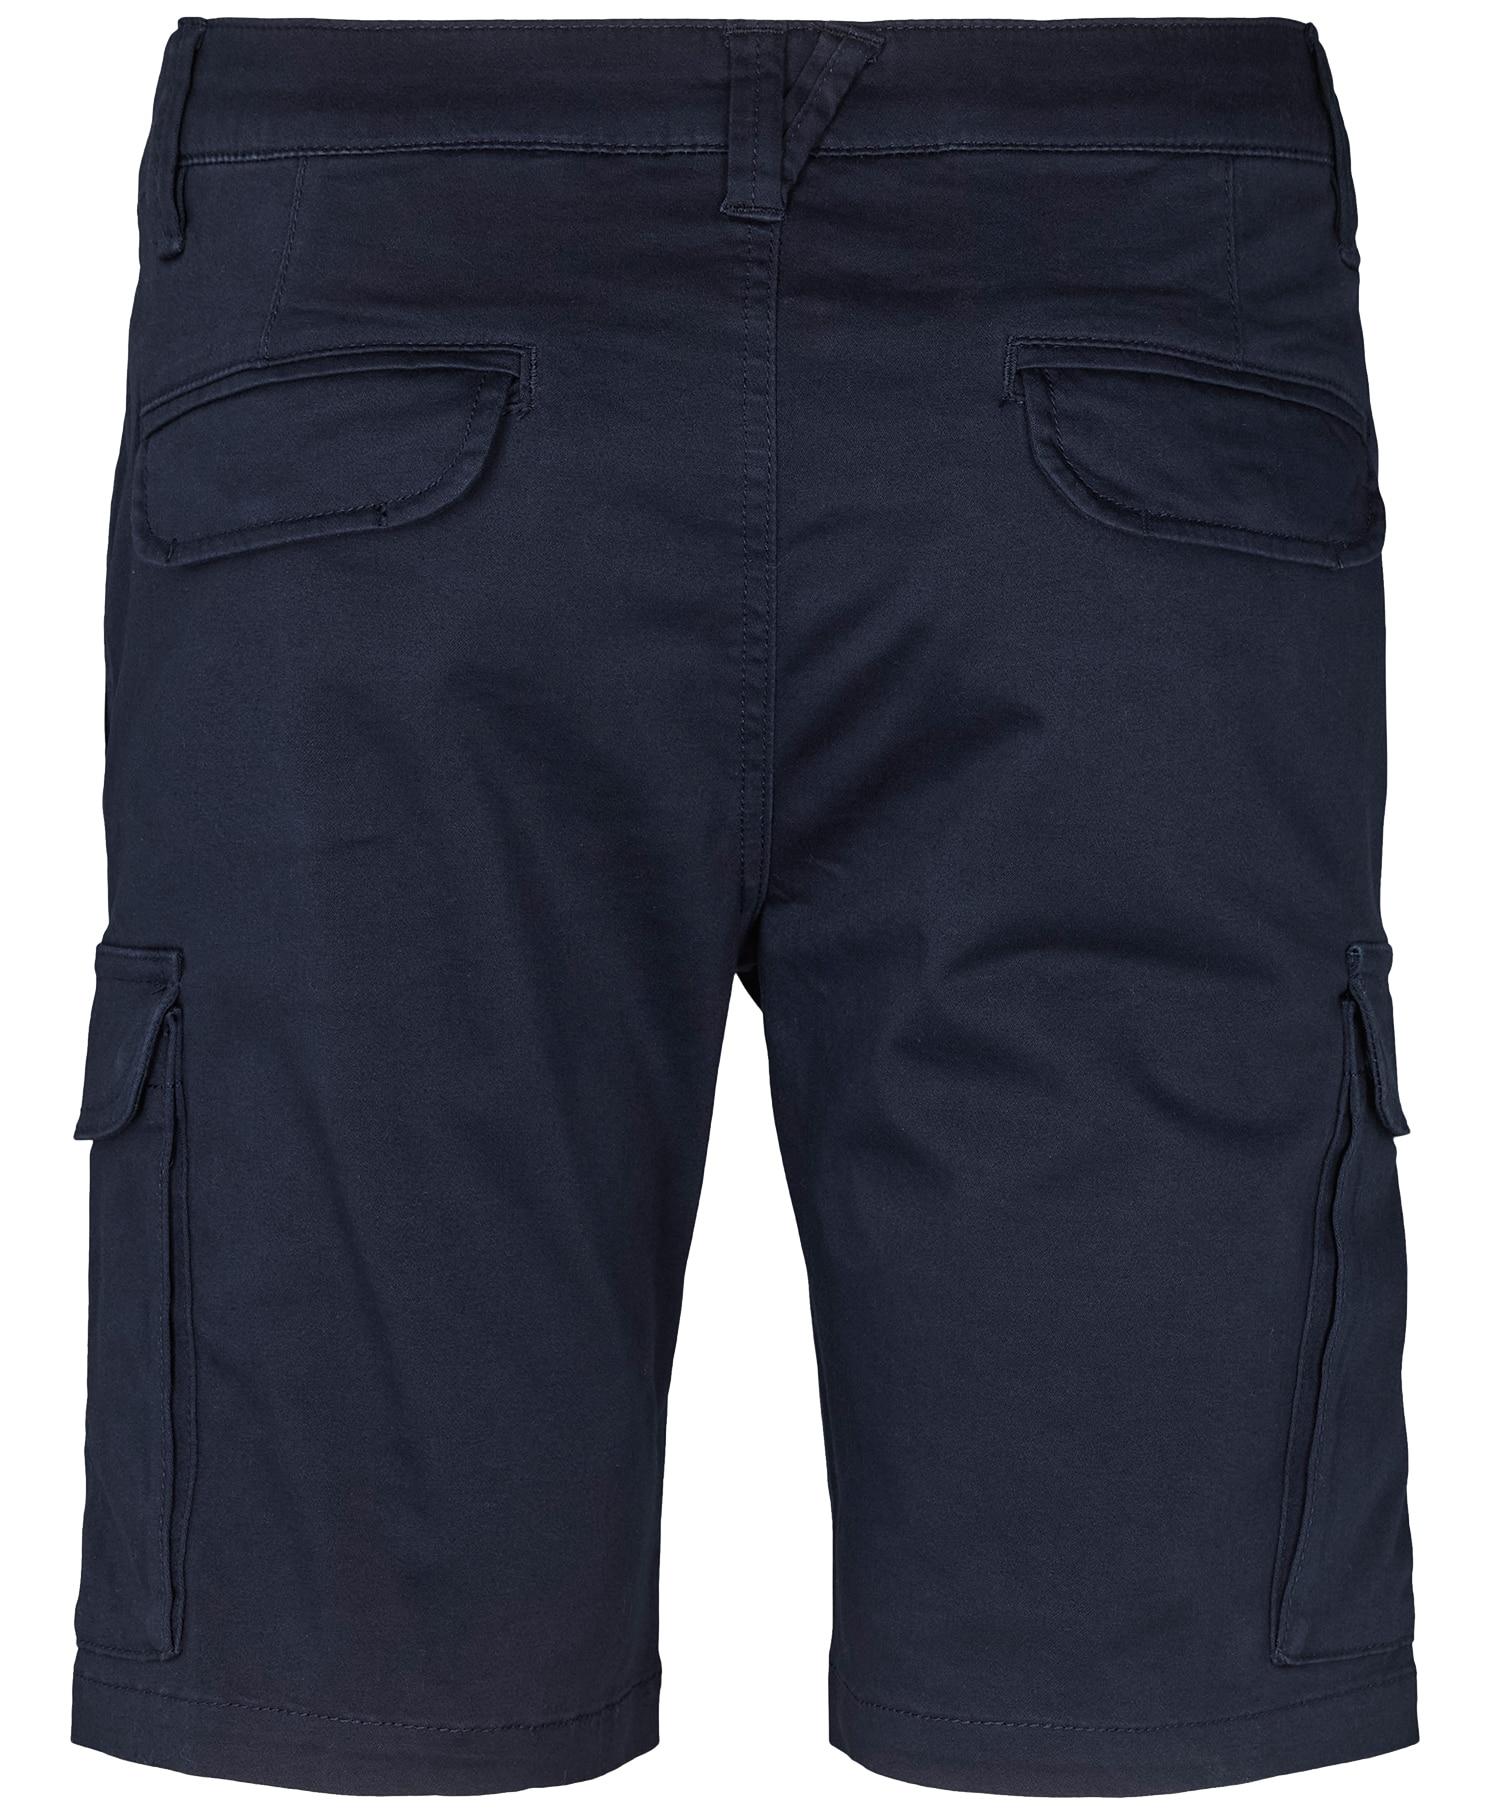 U.S Polo Cargo shorts